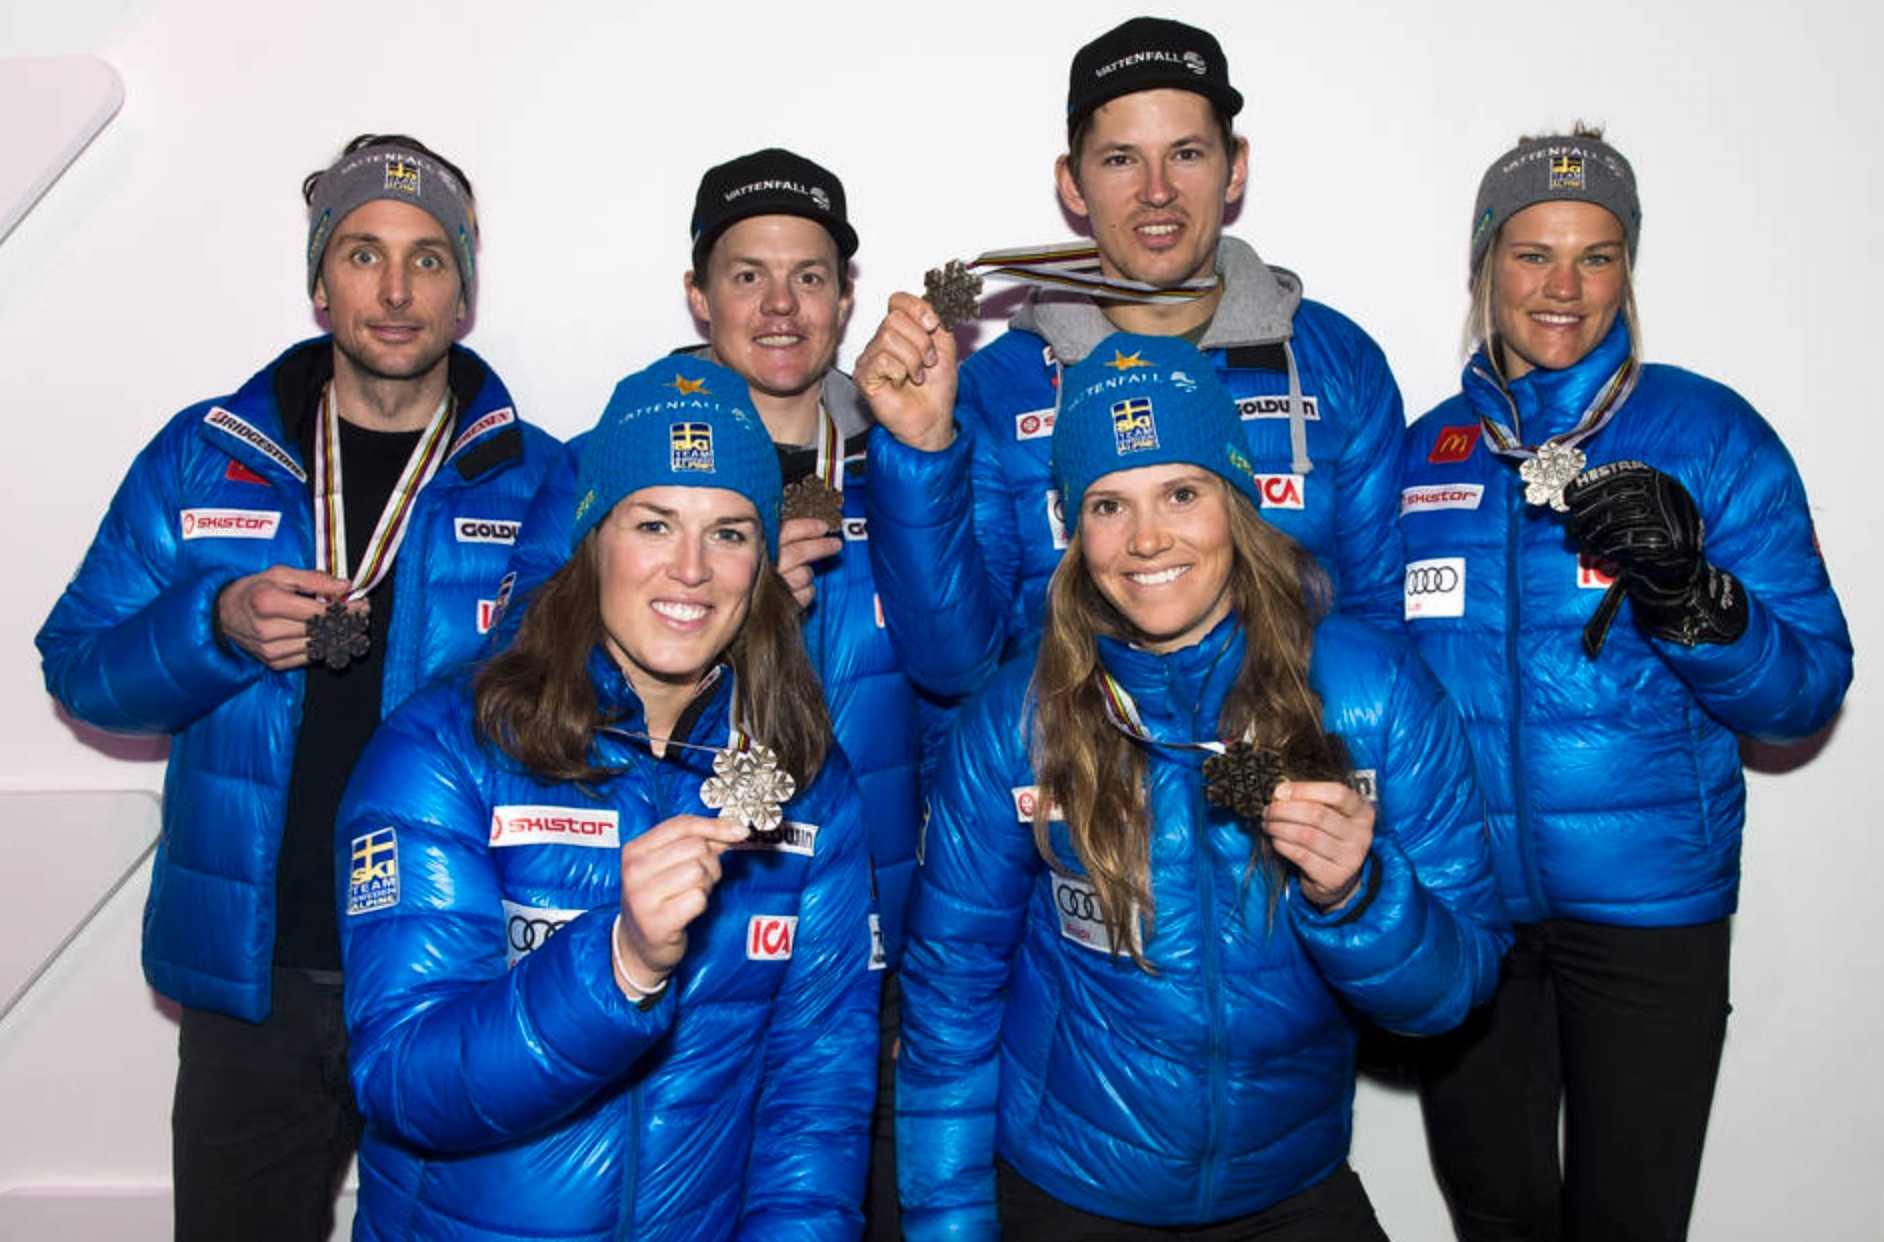 Sveriges Marcus Larsson, Maria Pietilä Holmner, Mattias Hargin, Sara Hector, André Myhrer och Anna Swenn-Larsson med sina medaljer efter tredjeplatsen i lagtävlingen.